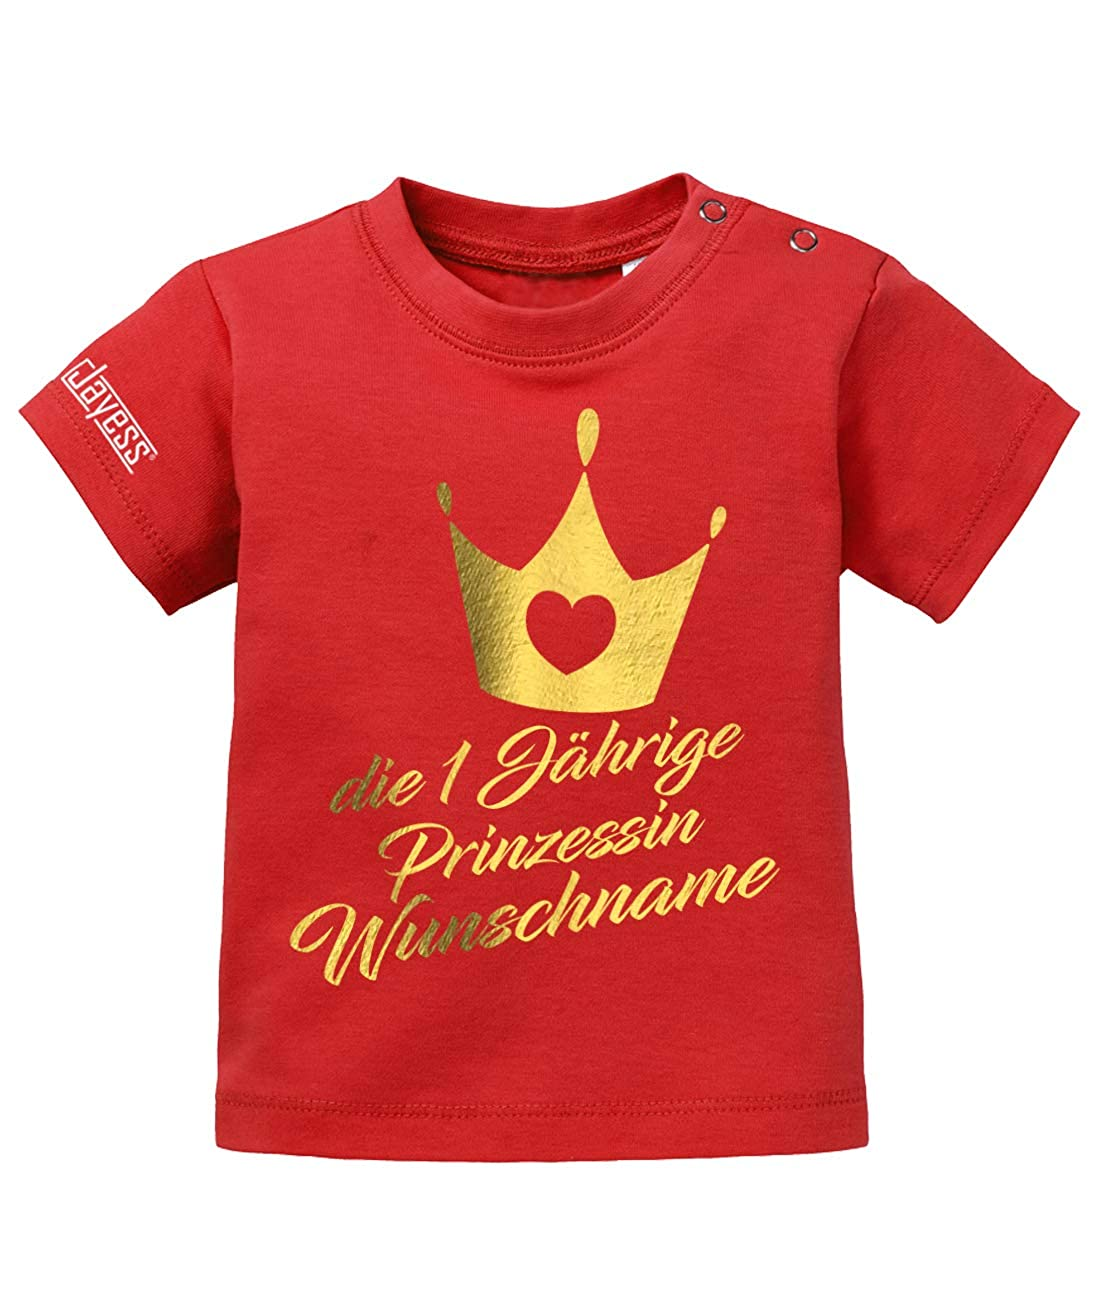 Jayess Baby Shirt M/ädchen zum 1 Geburtstag personalisierbar mit Kindername die einj/ährige Prinzessin Wunschname